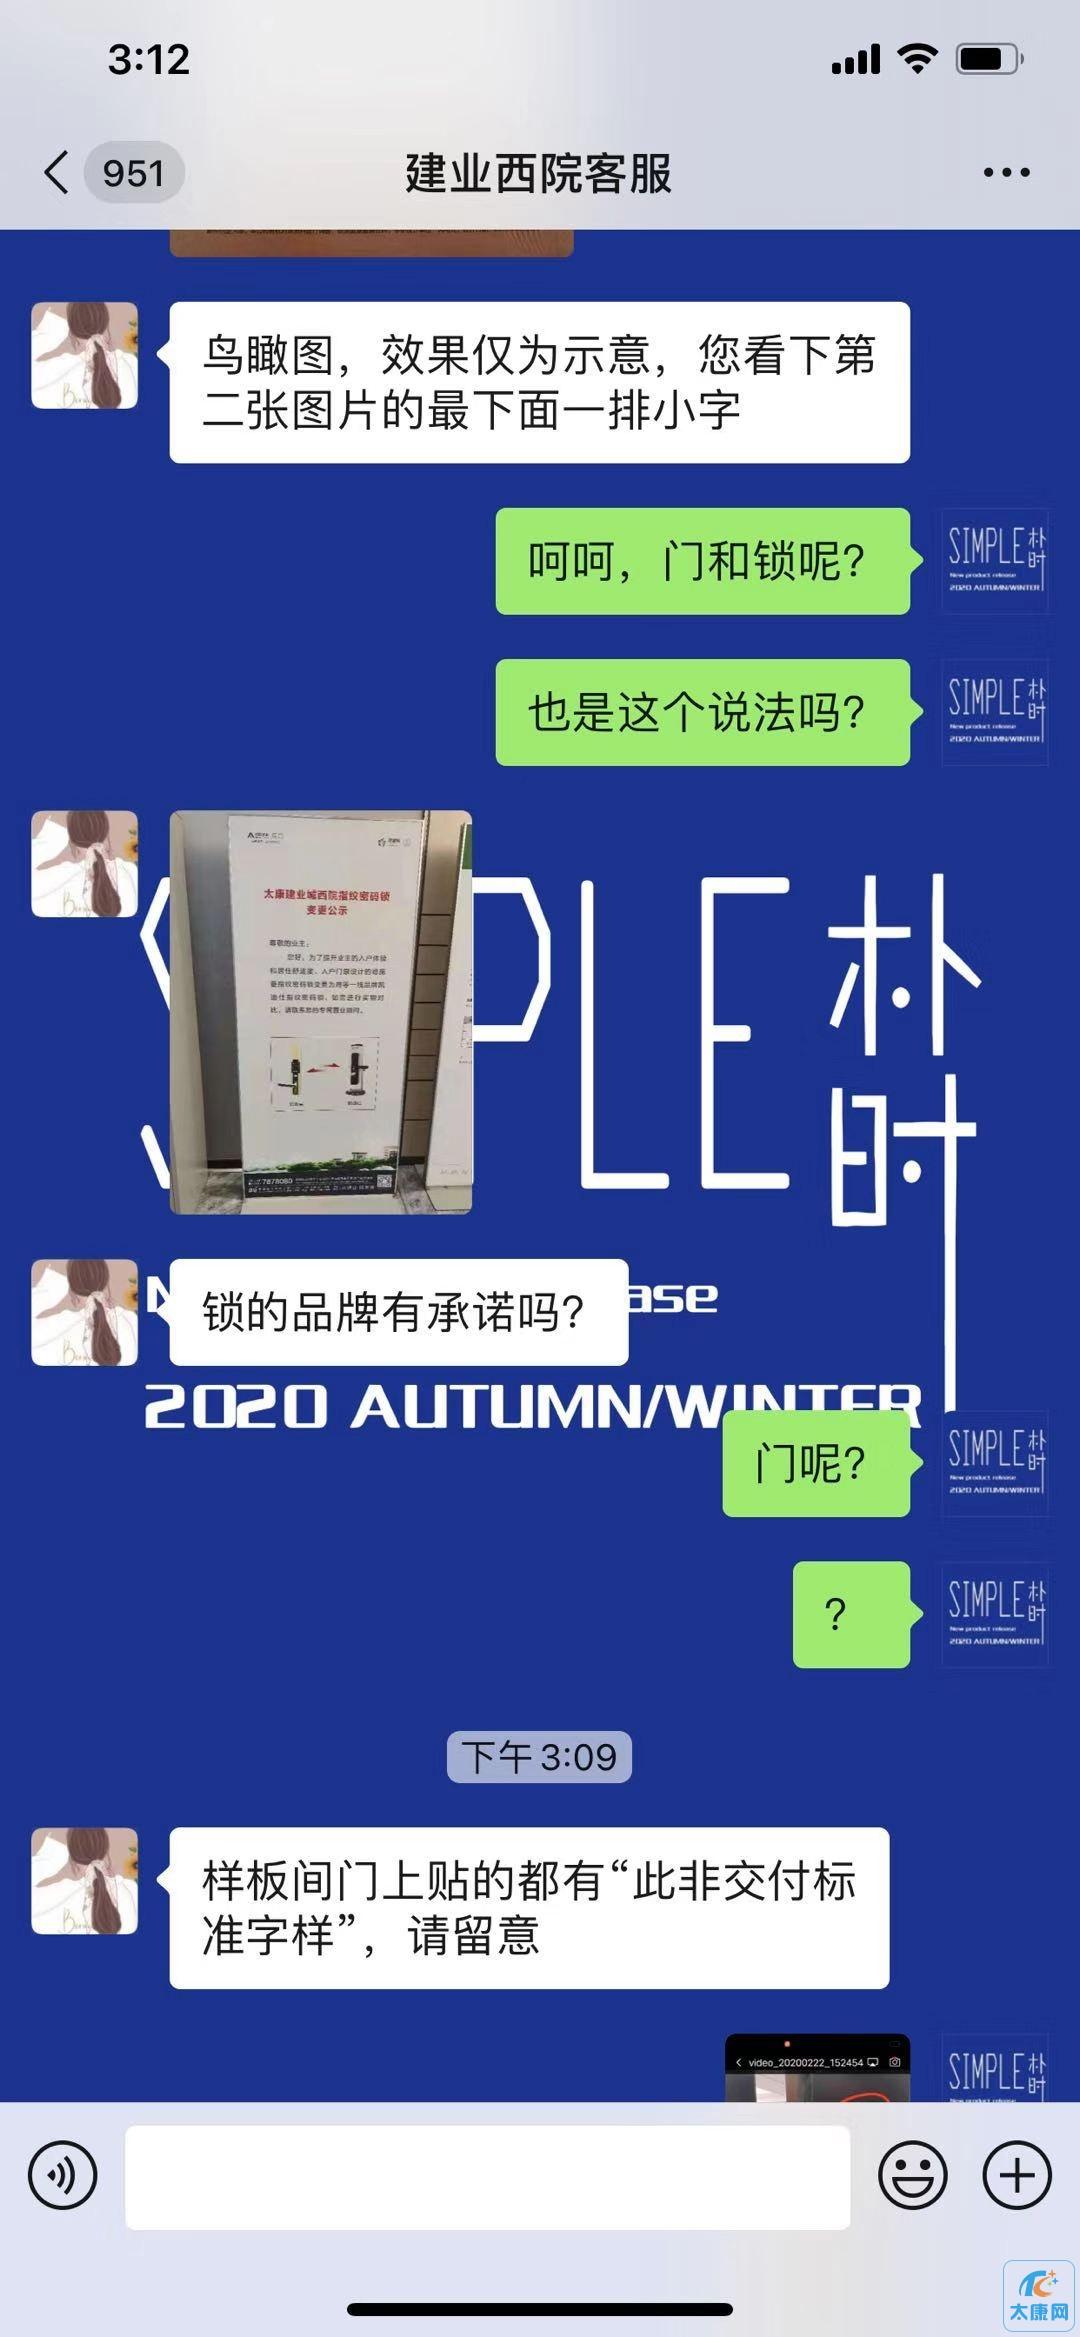 front2_0_Fufi0Ydw1ES7Jh80-QF2BK5-mzzT.1623163720.jpg